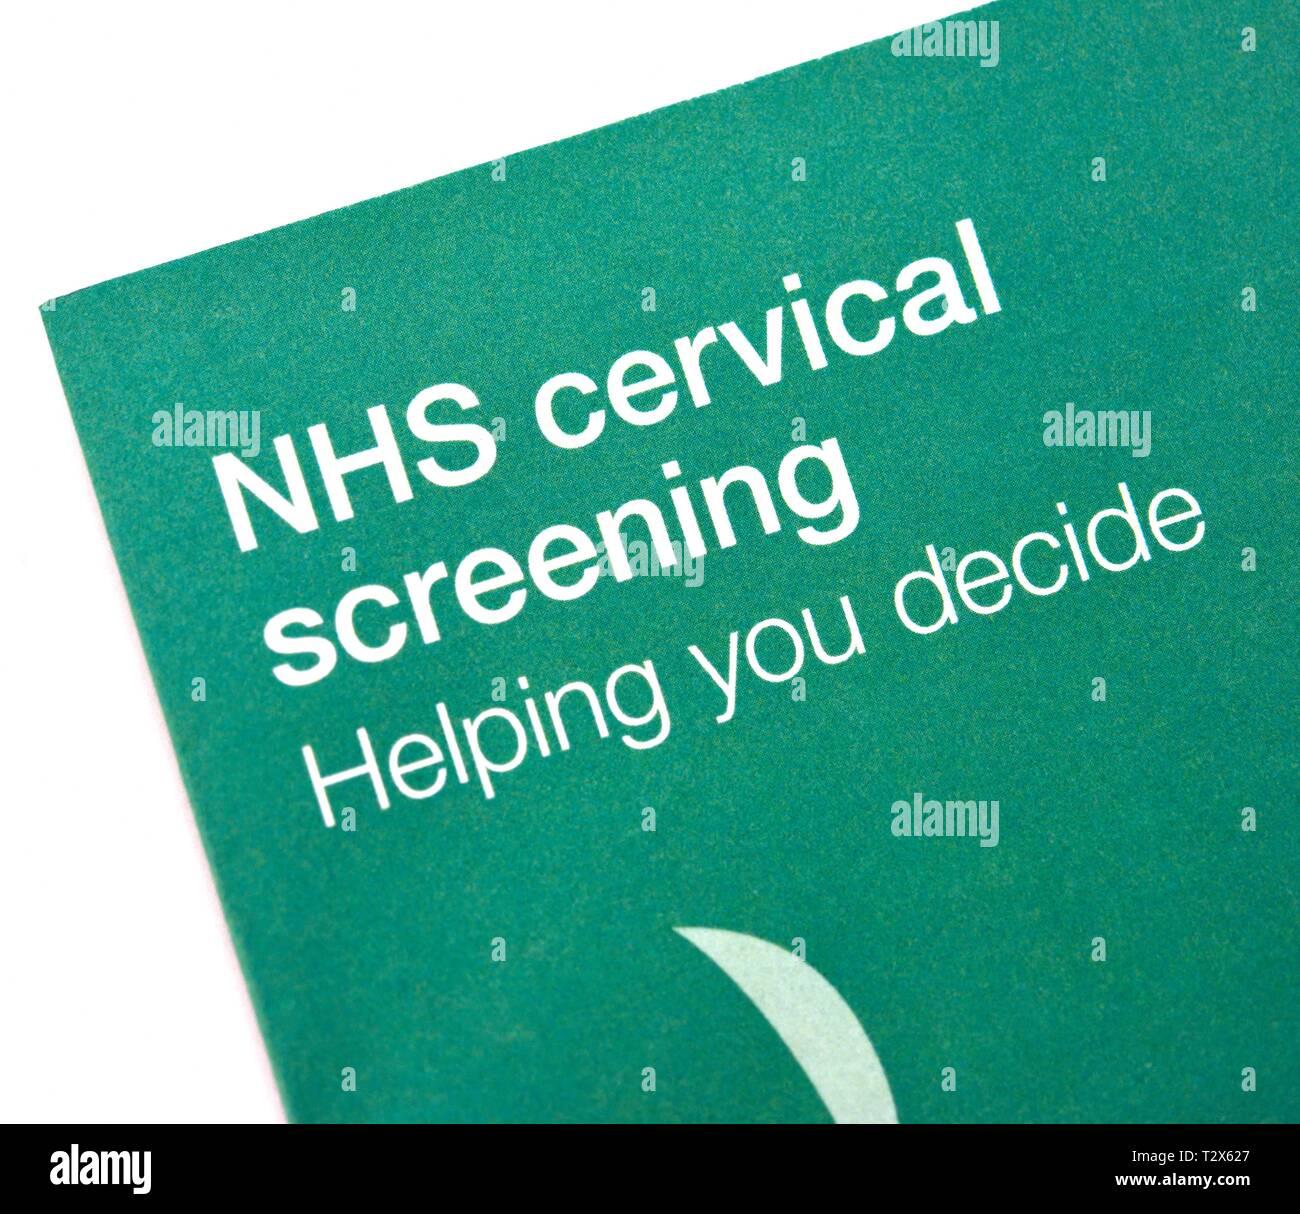 NHS cervical screening leaflet Stock Photo